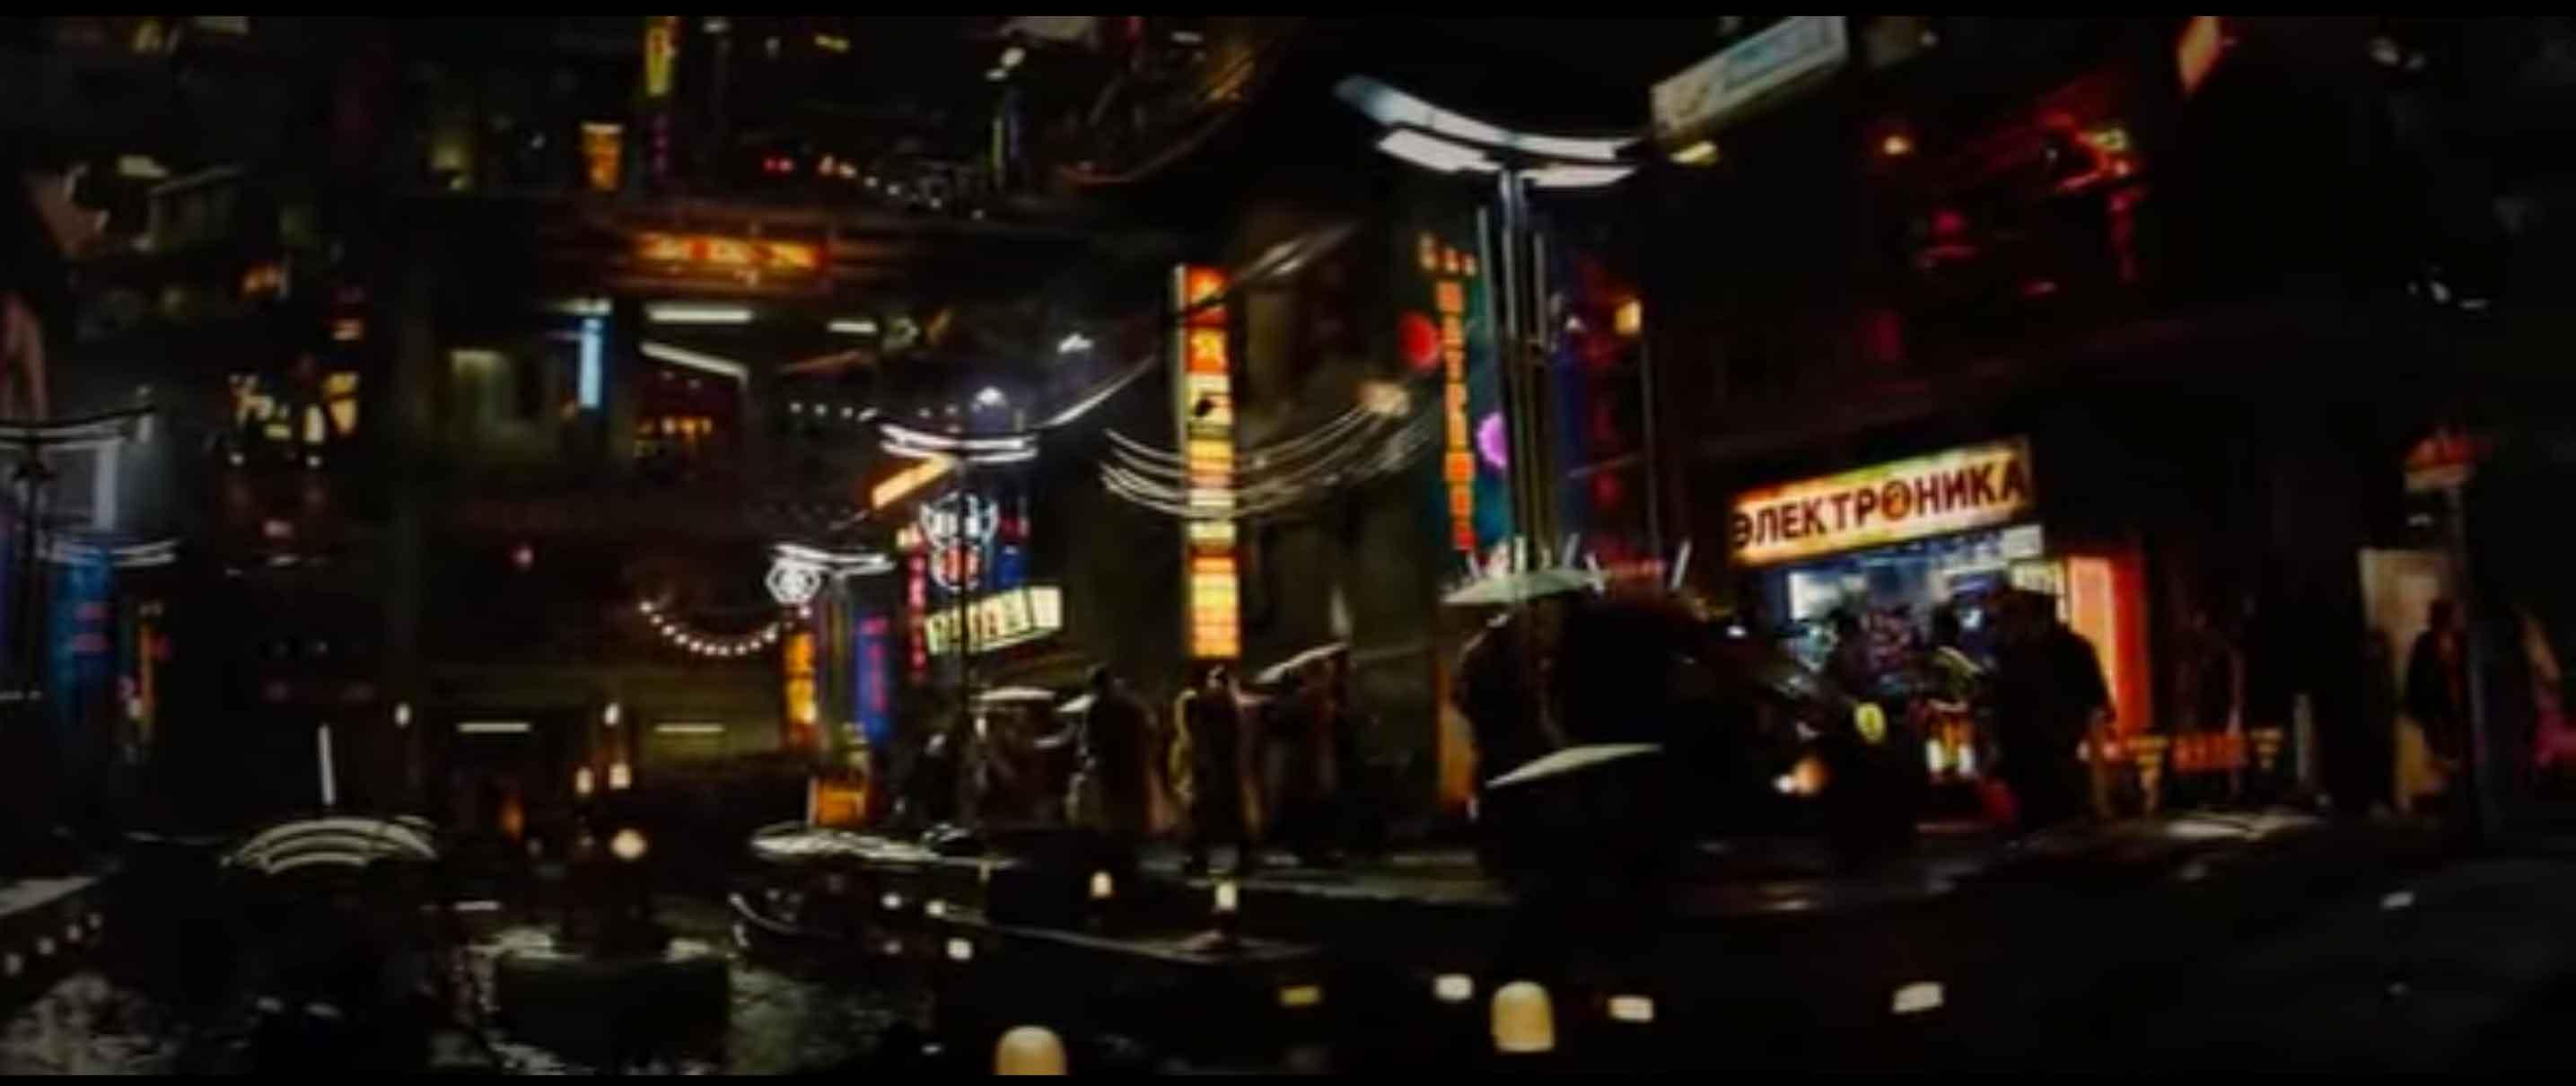 кадр из фильма Total Recall